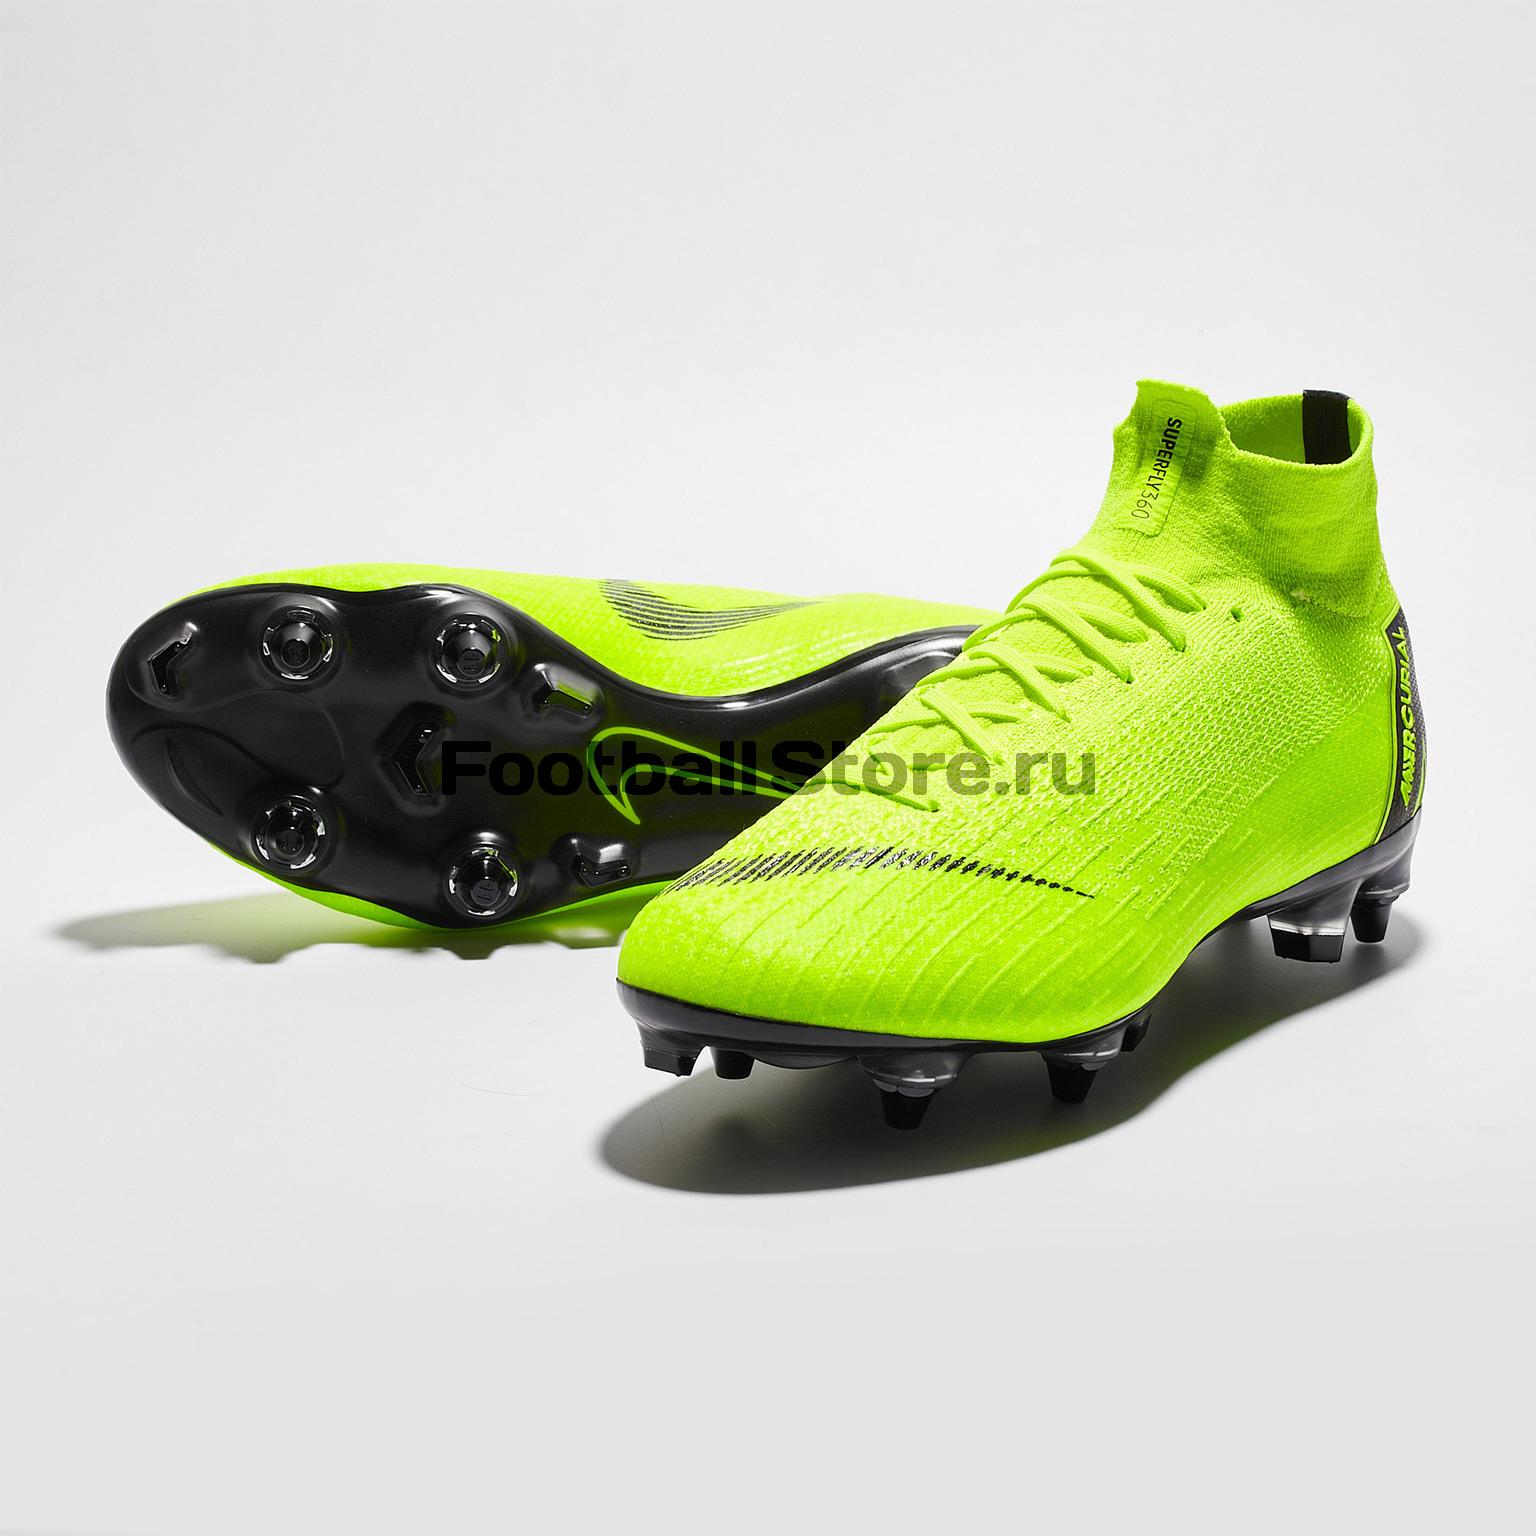 Бутсы Nike Superfly 6 Elite SG-Pro AC AH7366-701 бутсы nike superfly 6 elite sg pro ac ah7366 081